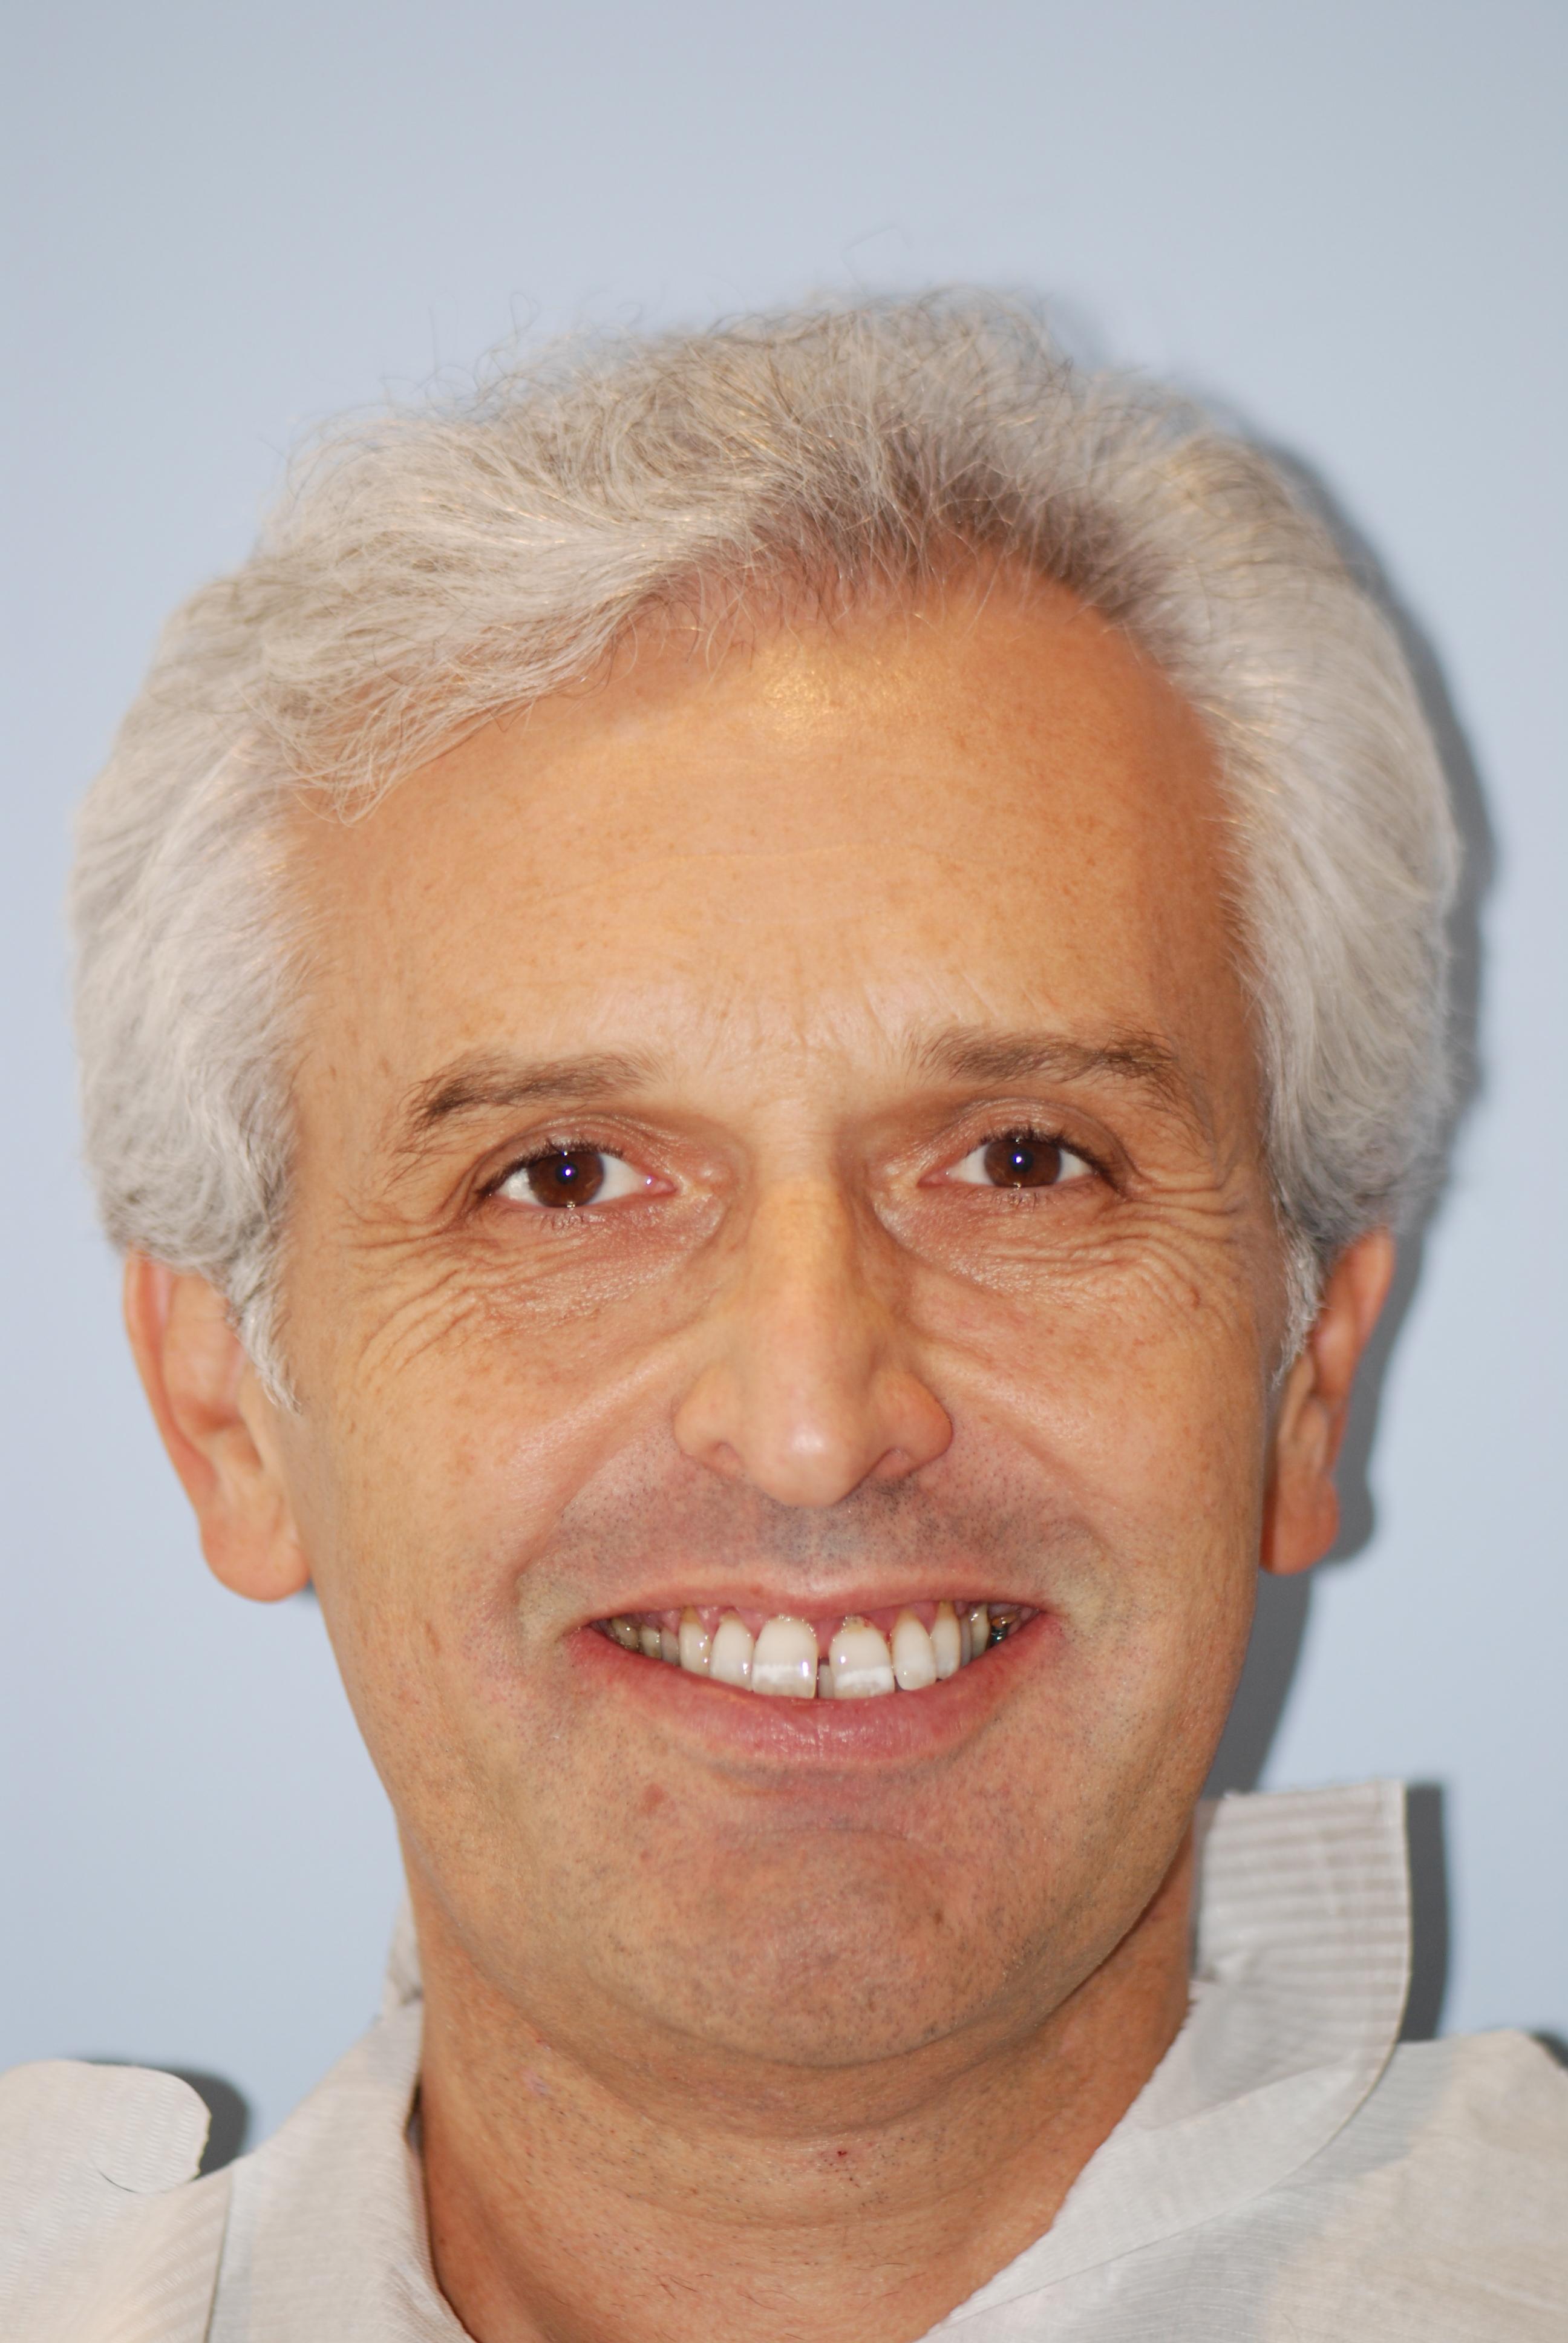 Ortodonzia pre-protesica